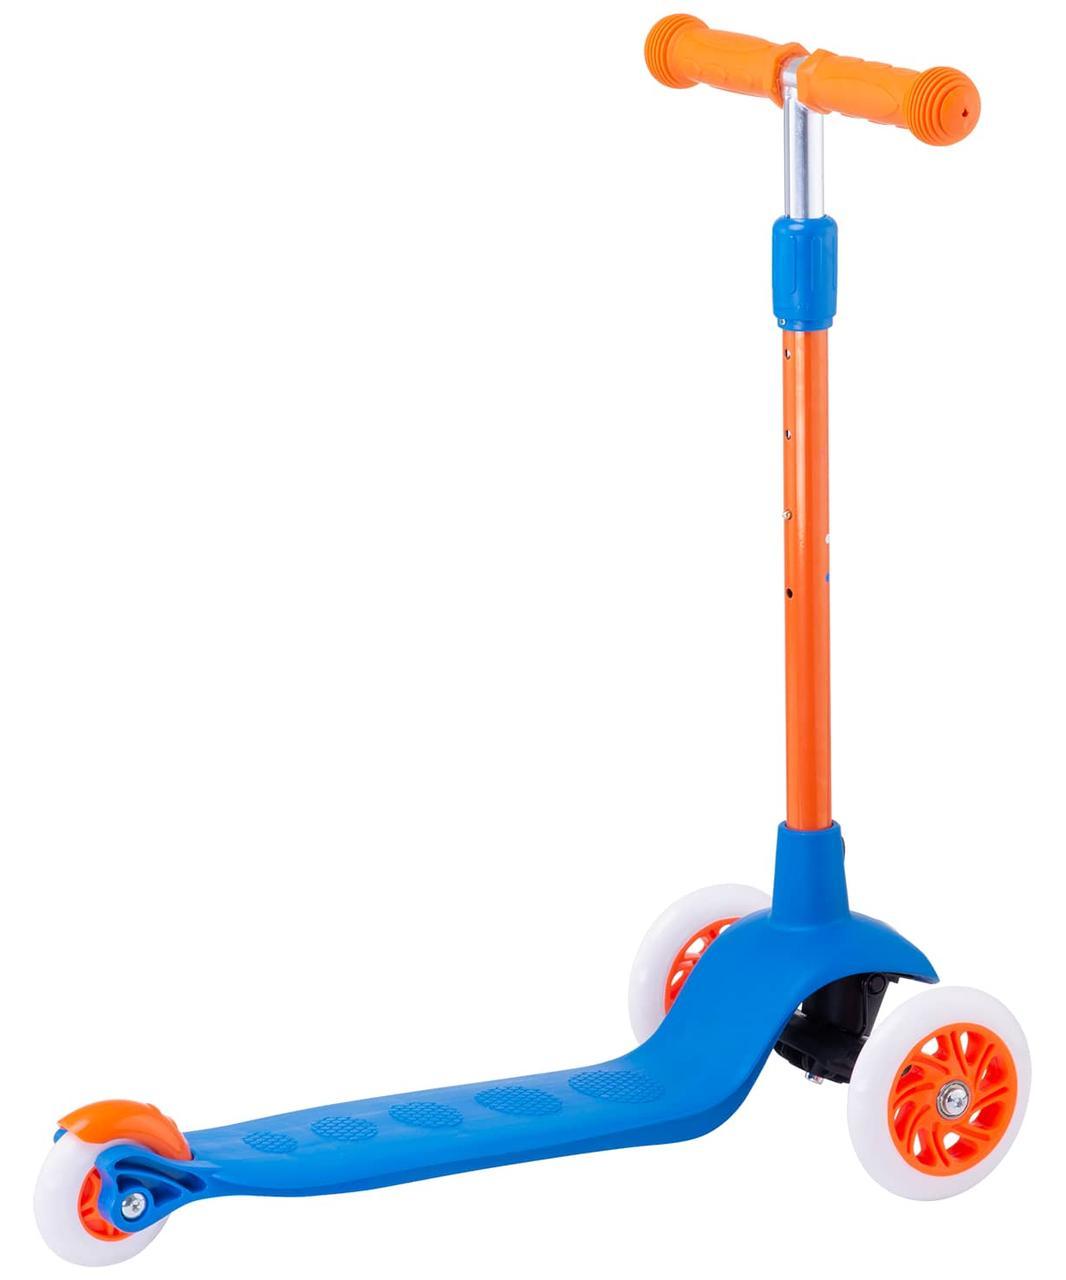 Самокат 3-колесный Hero, 120/80 мм, синий/оранжевый Ridex